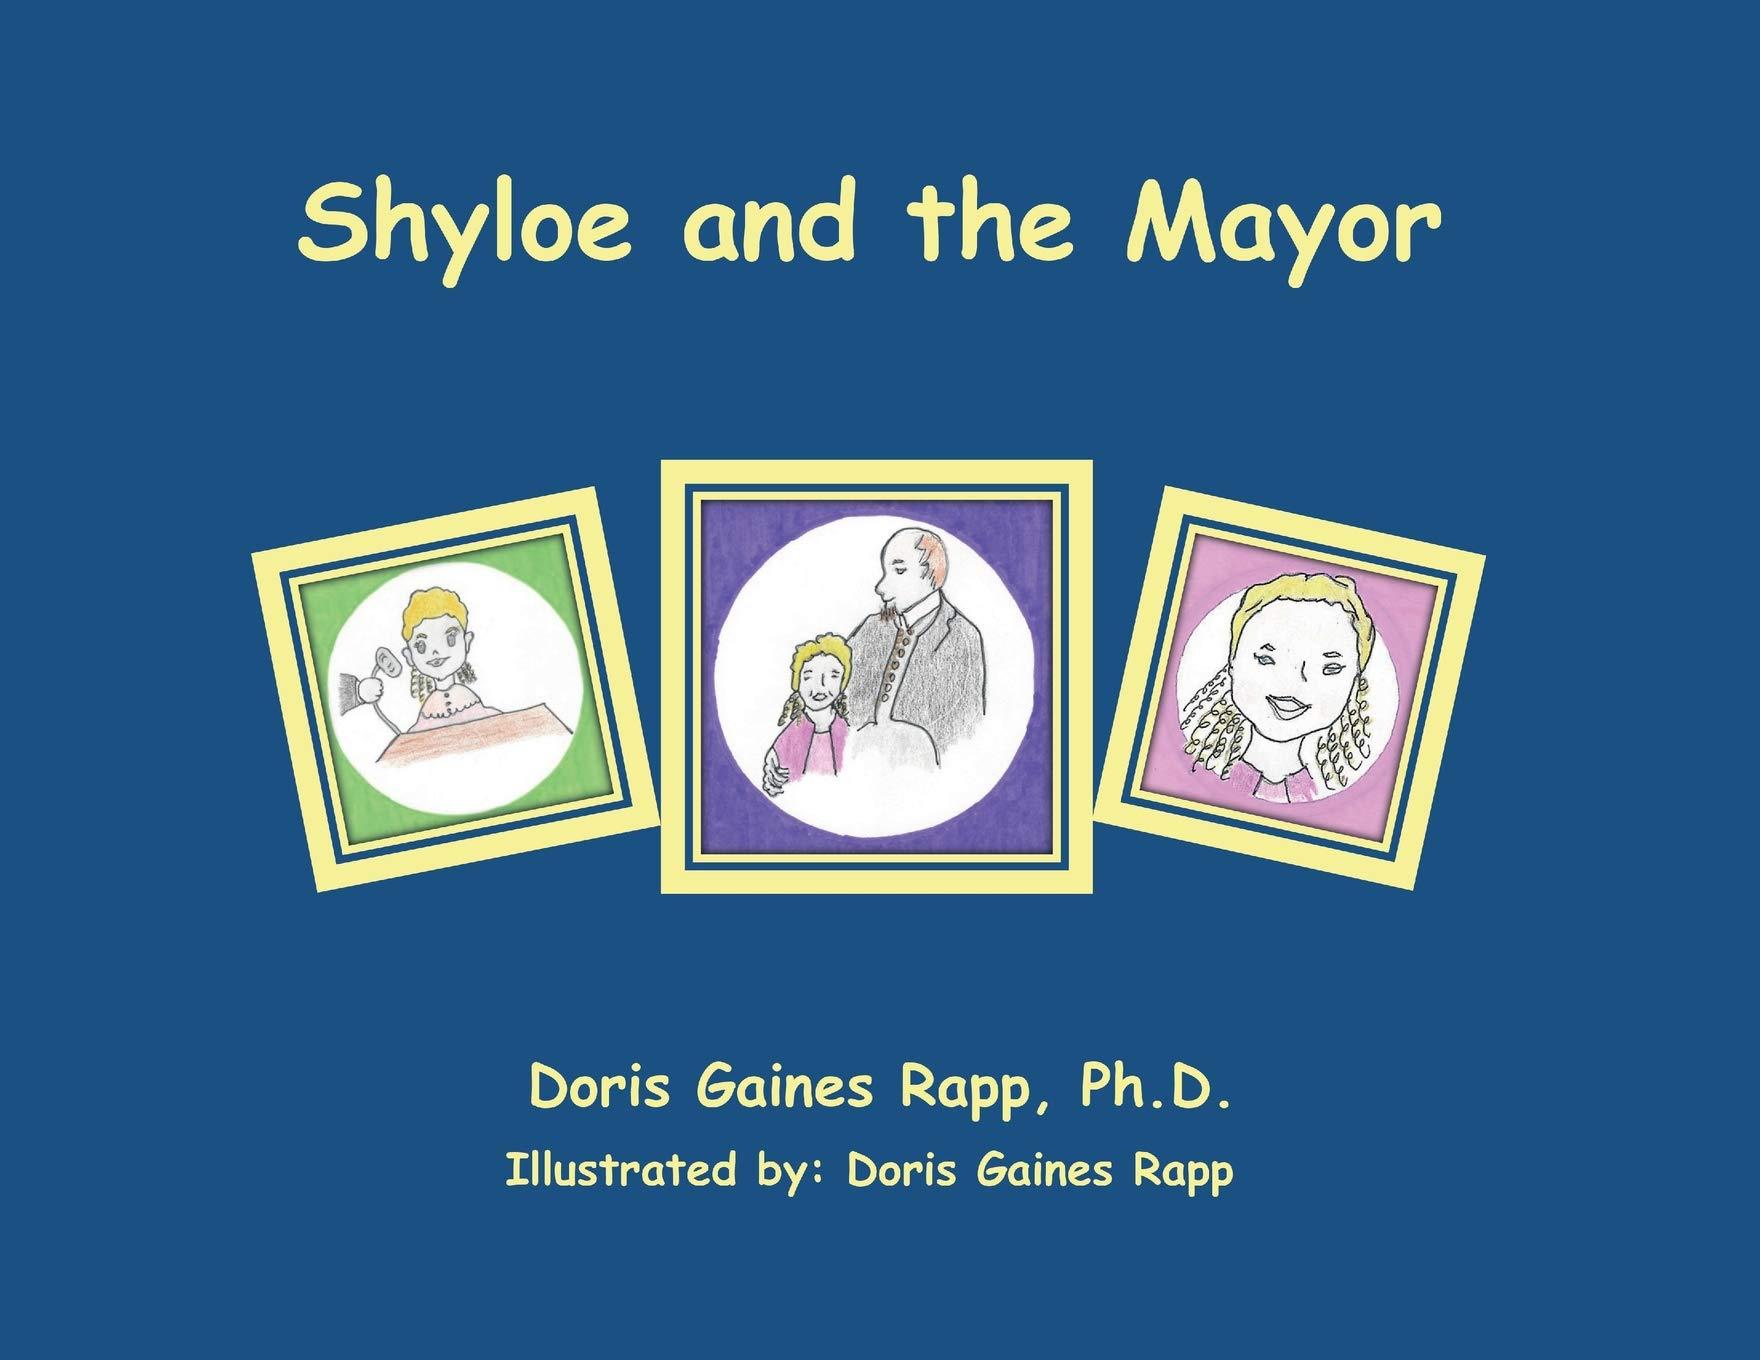 Shyloe and the Mayor